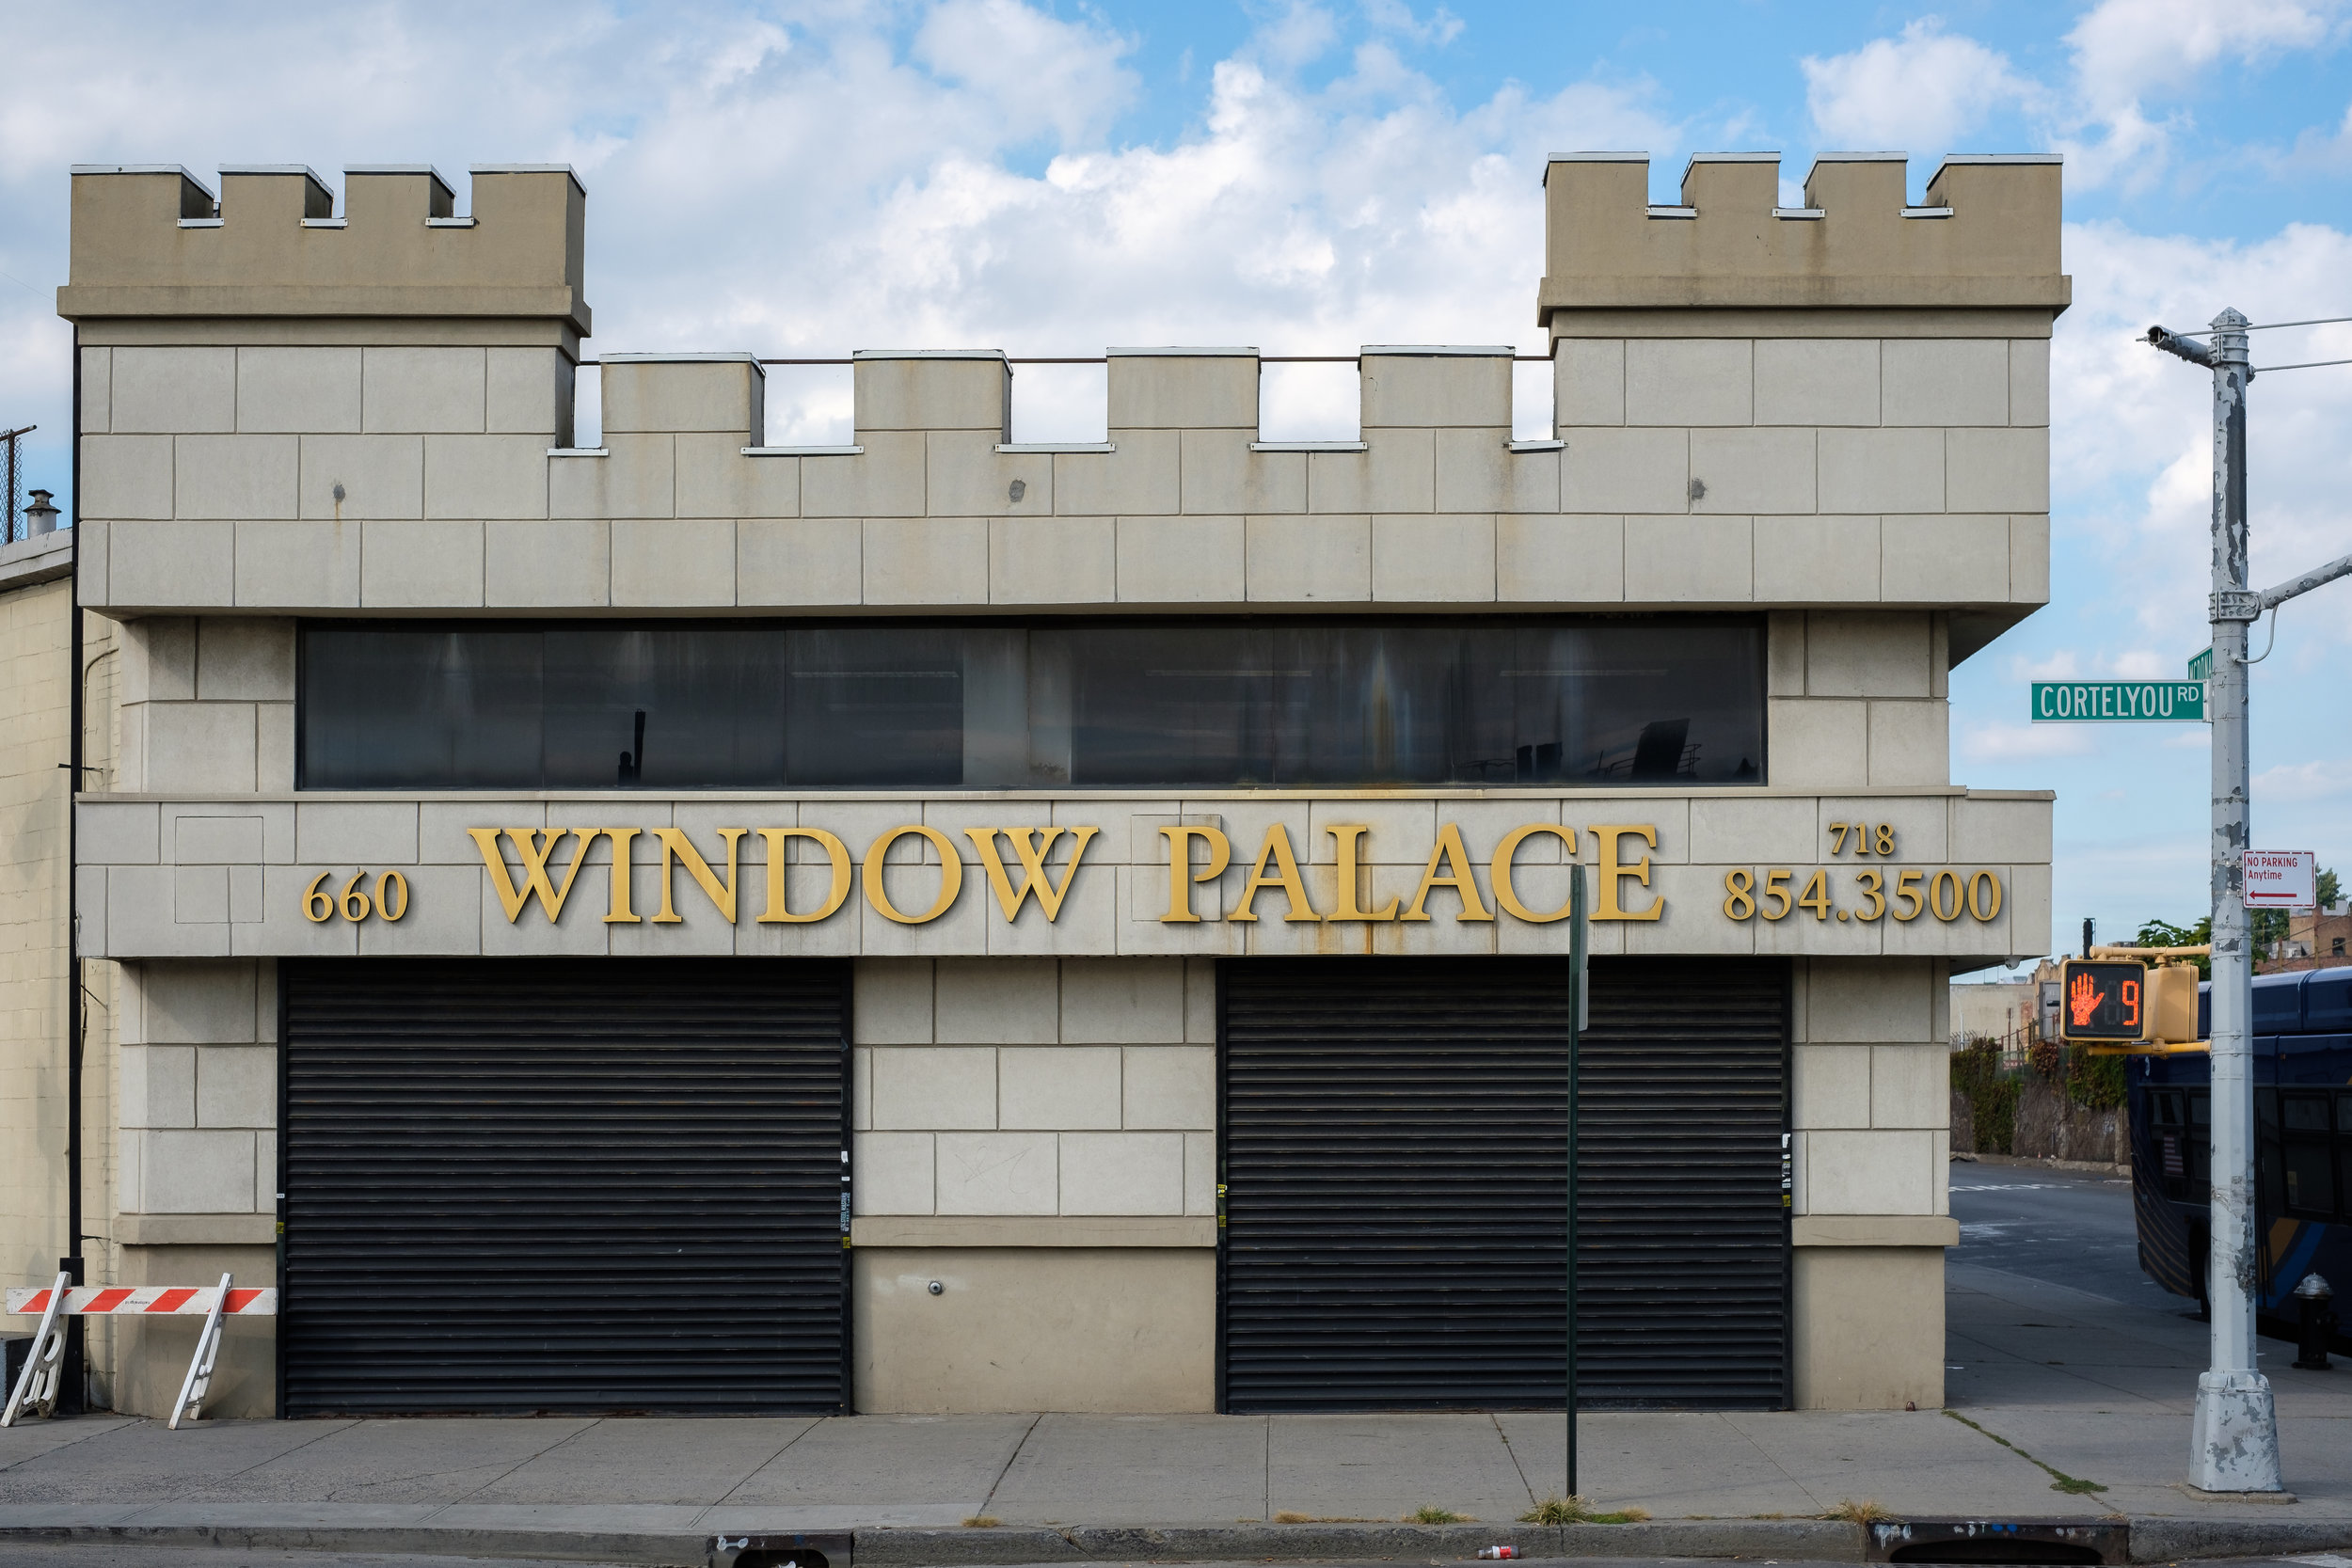 McDonald Ave. Borough Park, Brooklyn.